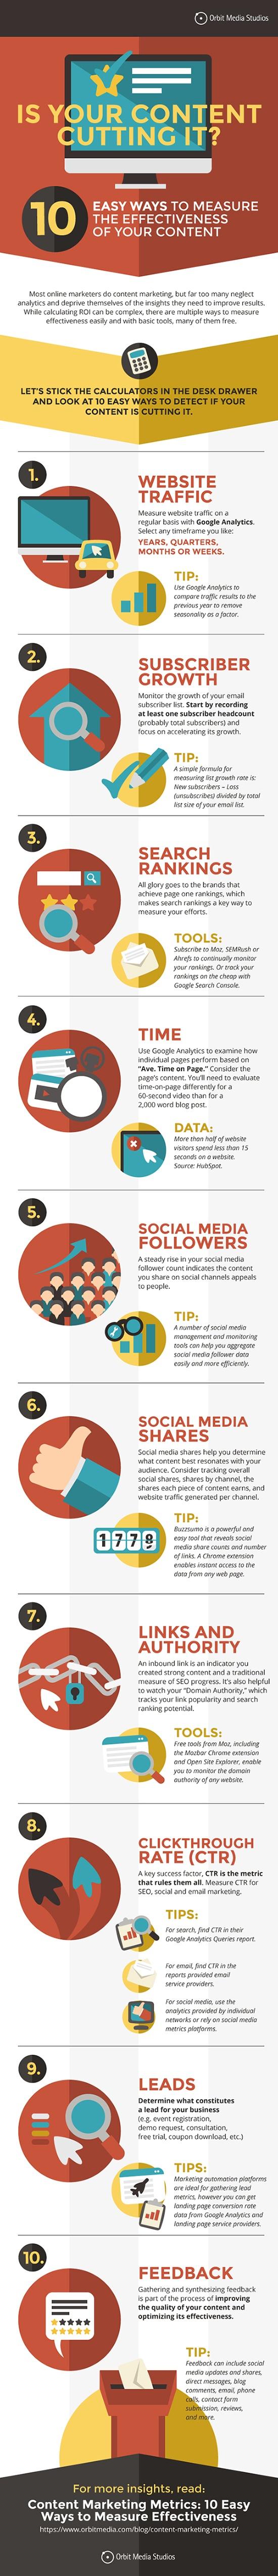 Misurare l'efficacia dei contenuti di un sito o di un blog - Infografica